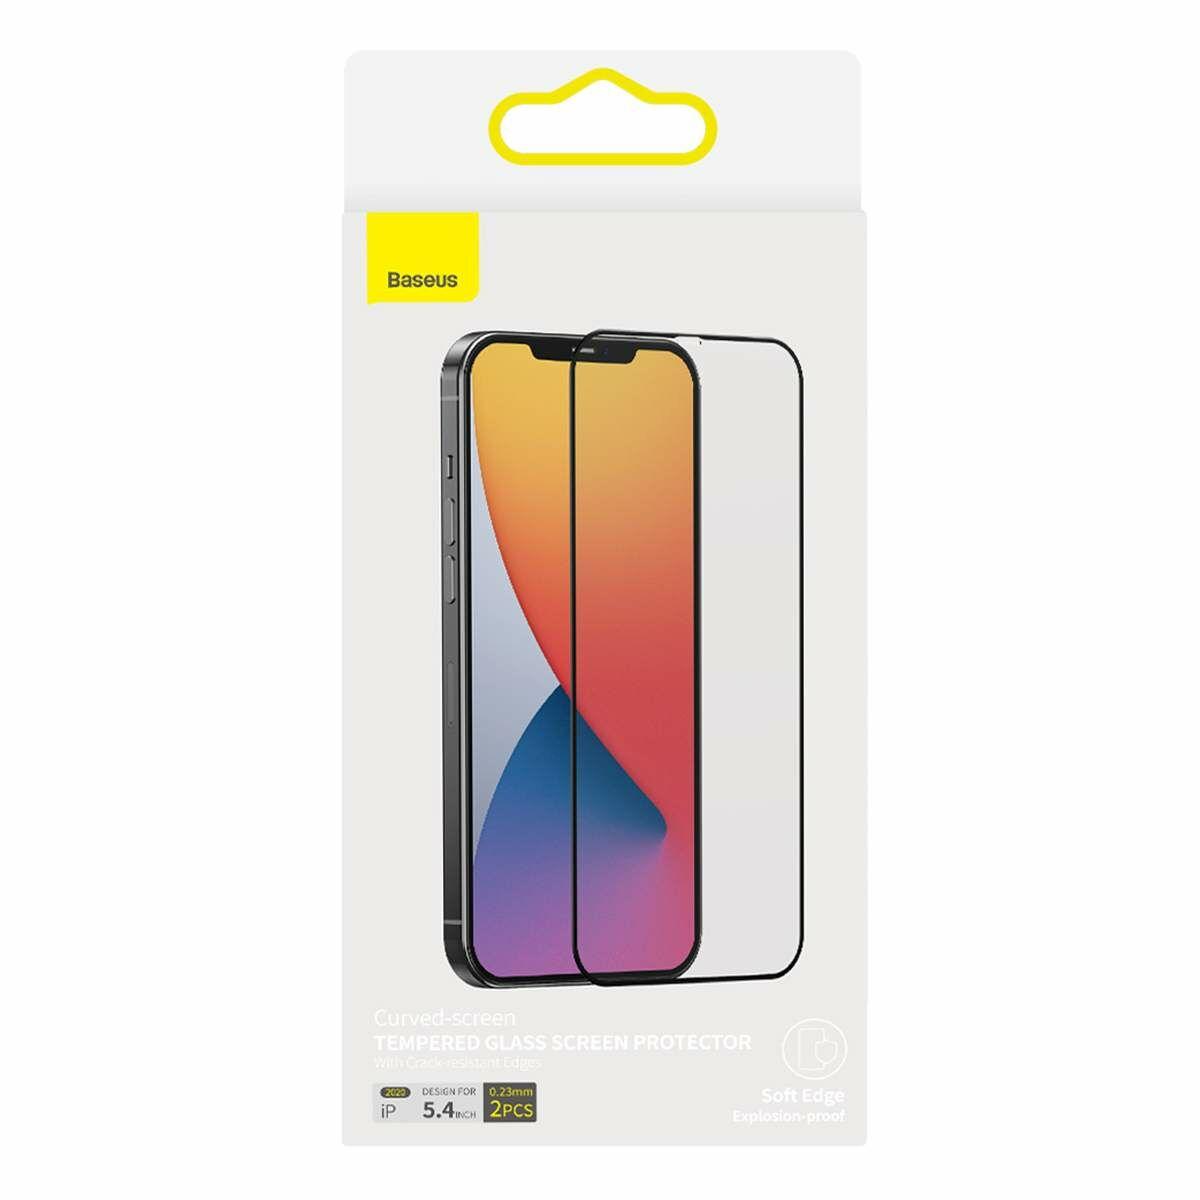 Baseus iPhone 12 mini 0.23 mm, teljes felületre, lekerekített edzett üveg, törés álló szélek (2 db), fekete (SGAPIPH54N-PE01)